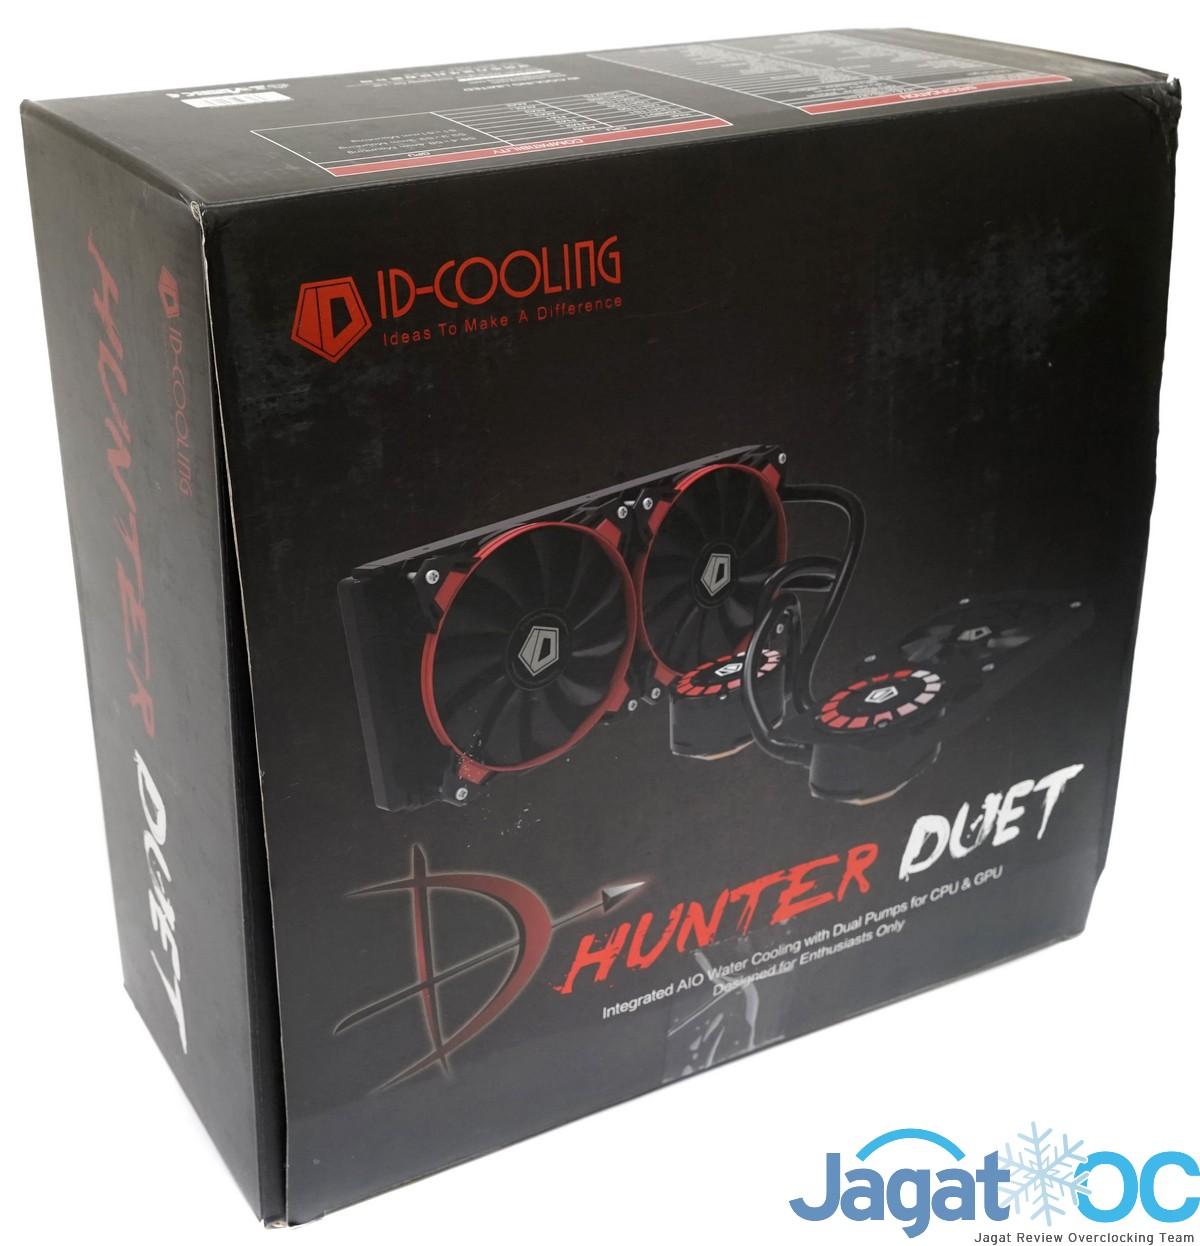 Hunter Duet 1